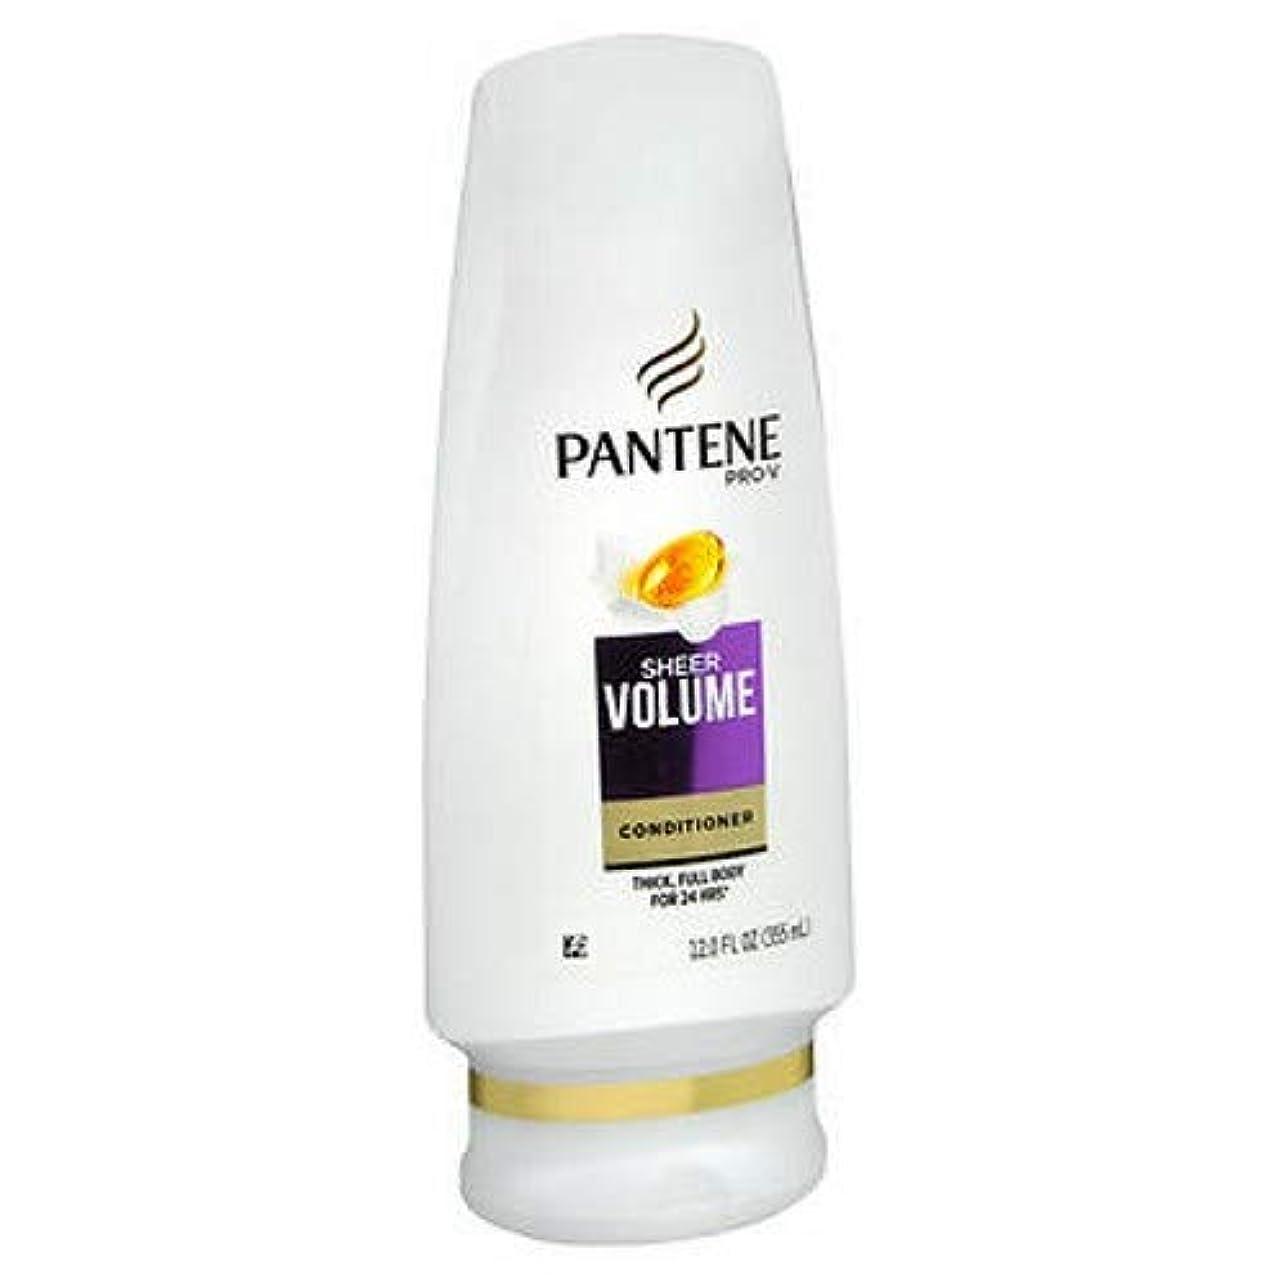 焼く割合天国Pantene CdのファインのFlt巻サイズ12.0Zコンディショナーファイン体Fltボリューム12オンス